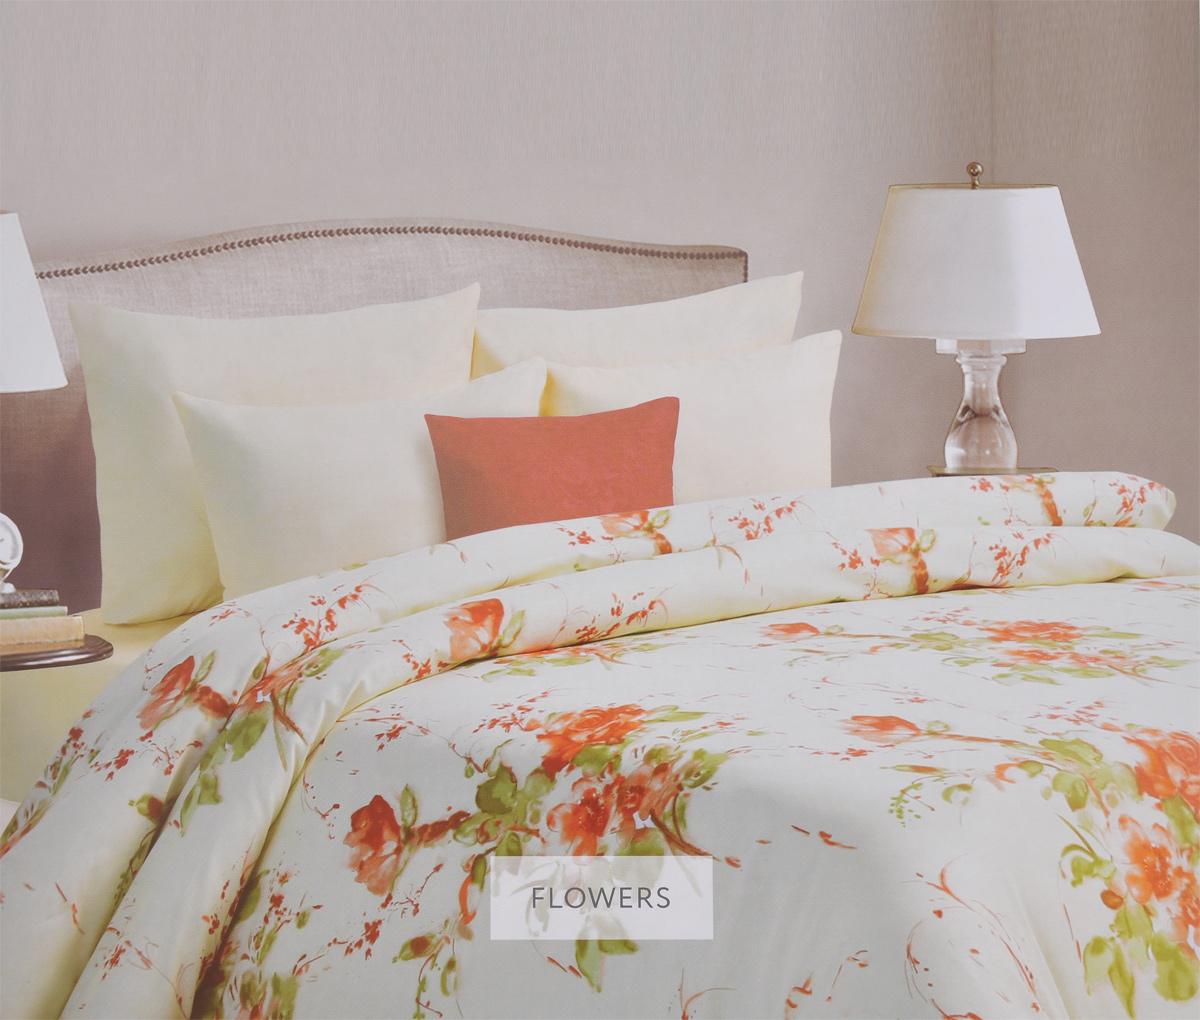 Комплект белья Mona Liza Flowers, семейный, наволочки 50х70, цвет: бежевый, светло-зеленый. 562407/6391602Комплект белья Mona Liza Flowers, выполненный из батиста (100% хлопок), состоит из двух пододеяльников, простыни и двух наволочек. Изделия оформлены красивым цветочным рисунком. Батист - тонкая, легкая, полупрозрачная натуральная ткань полотняного переплетения. Батист, несомненно, является одной из самых аристократичных и совершенных тканей. Он отличается нежностью, трепетной утонченностью и изысканностью. Ткань с незначительной сминаемостью, хорошо сохраняющая цвет при стирке, легкая, с прекрасными гигиеническими показателями. В комплект входит: Пододеяльник - 2 шт. Размер: 145 см х 210 см. Простыня - 1 шт. Размер: 215 см х 240 см. Наволочка - 2 шт. Размер: 50 см х 70 см. Рекомендации по уходу: - Ручная и машинная стирка 40°С, - Гладить при температуре не более 150°С, - Не использовать хлорсодержащие средства, - Щадящая сушка, - Не подвергать химчистке.